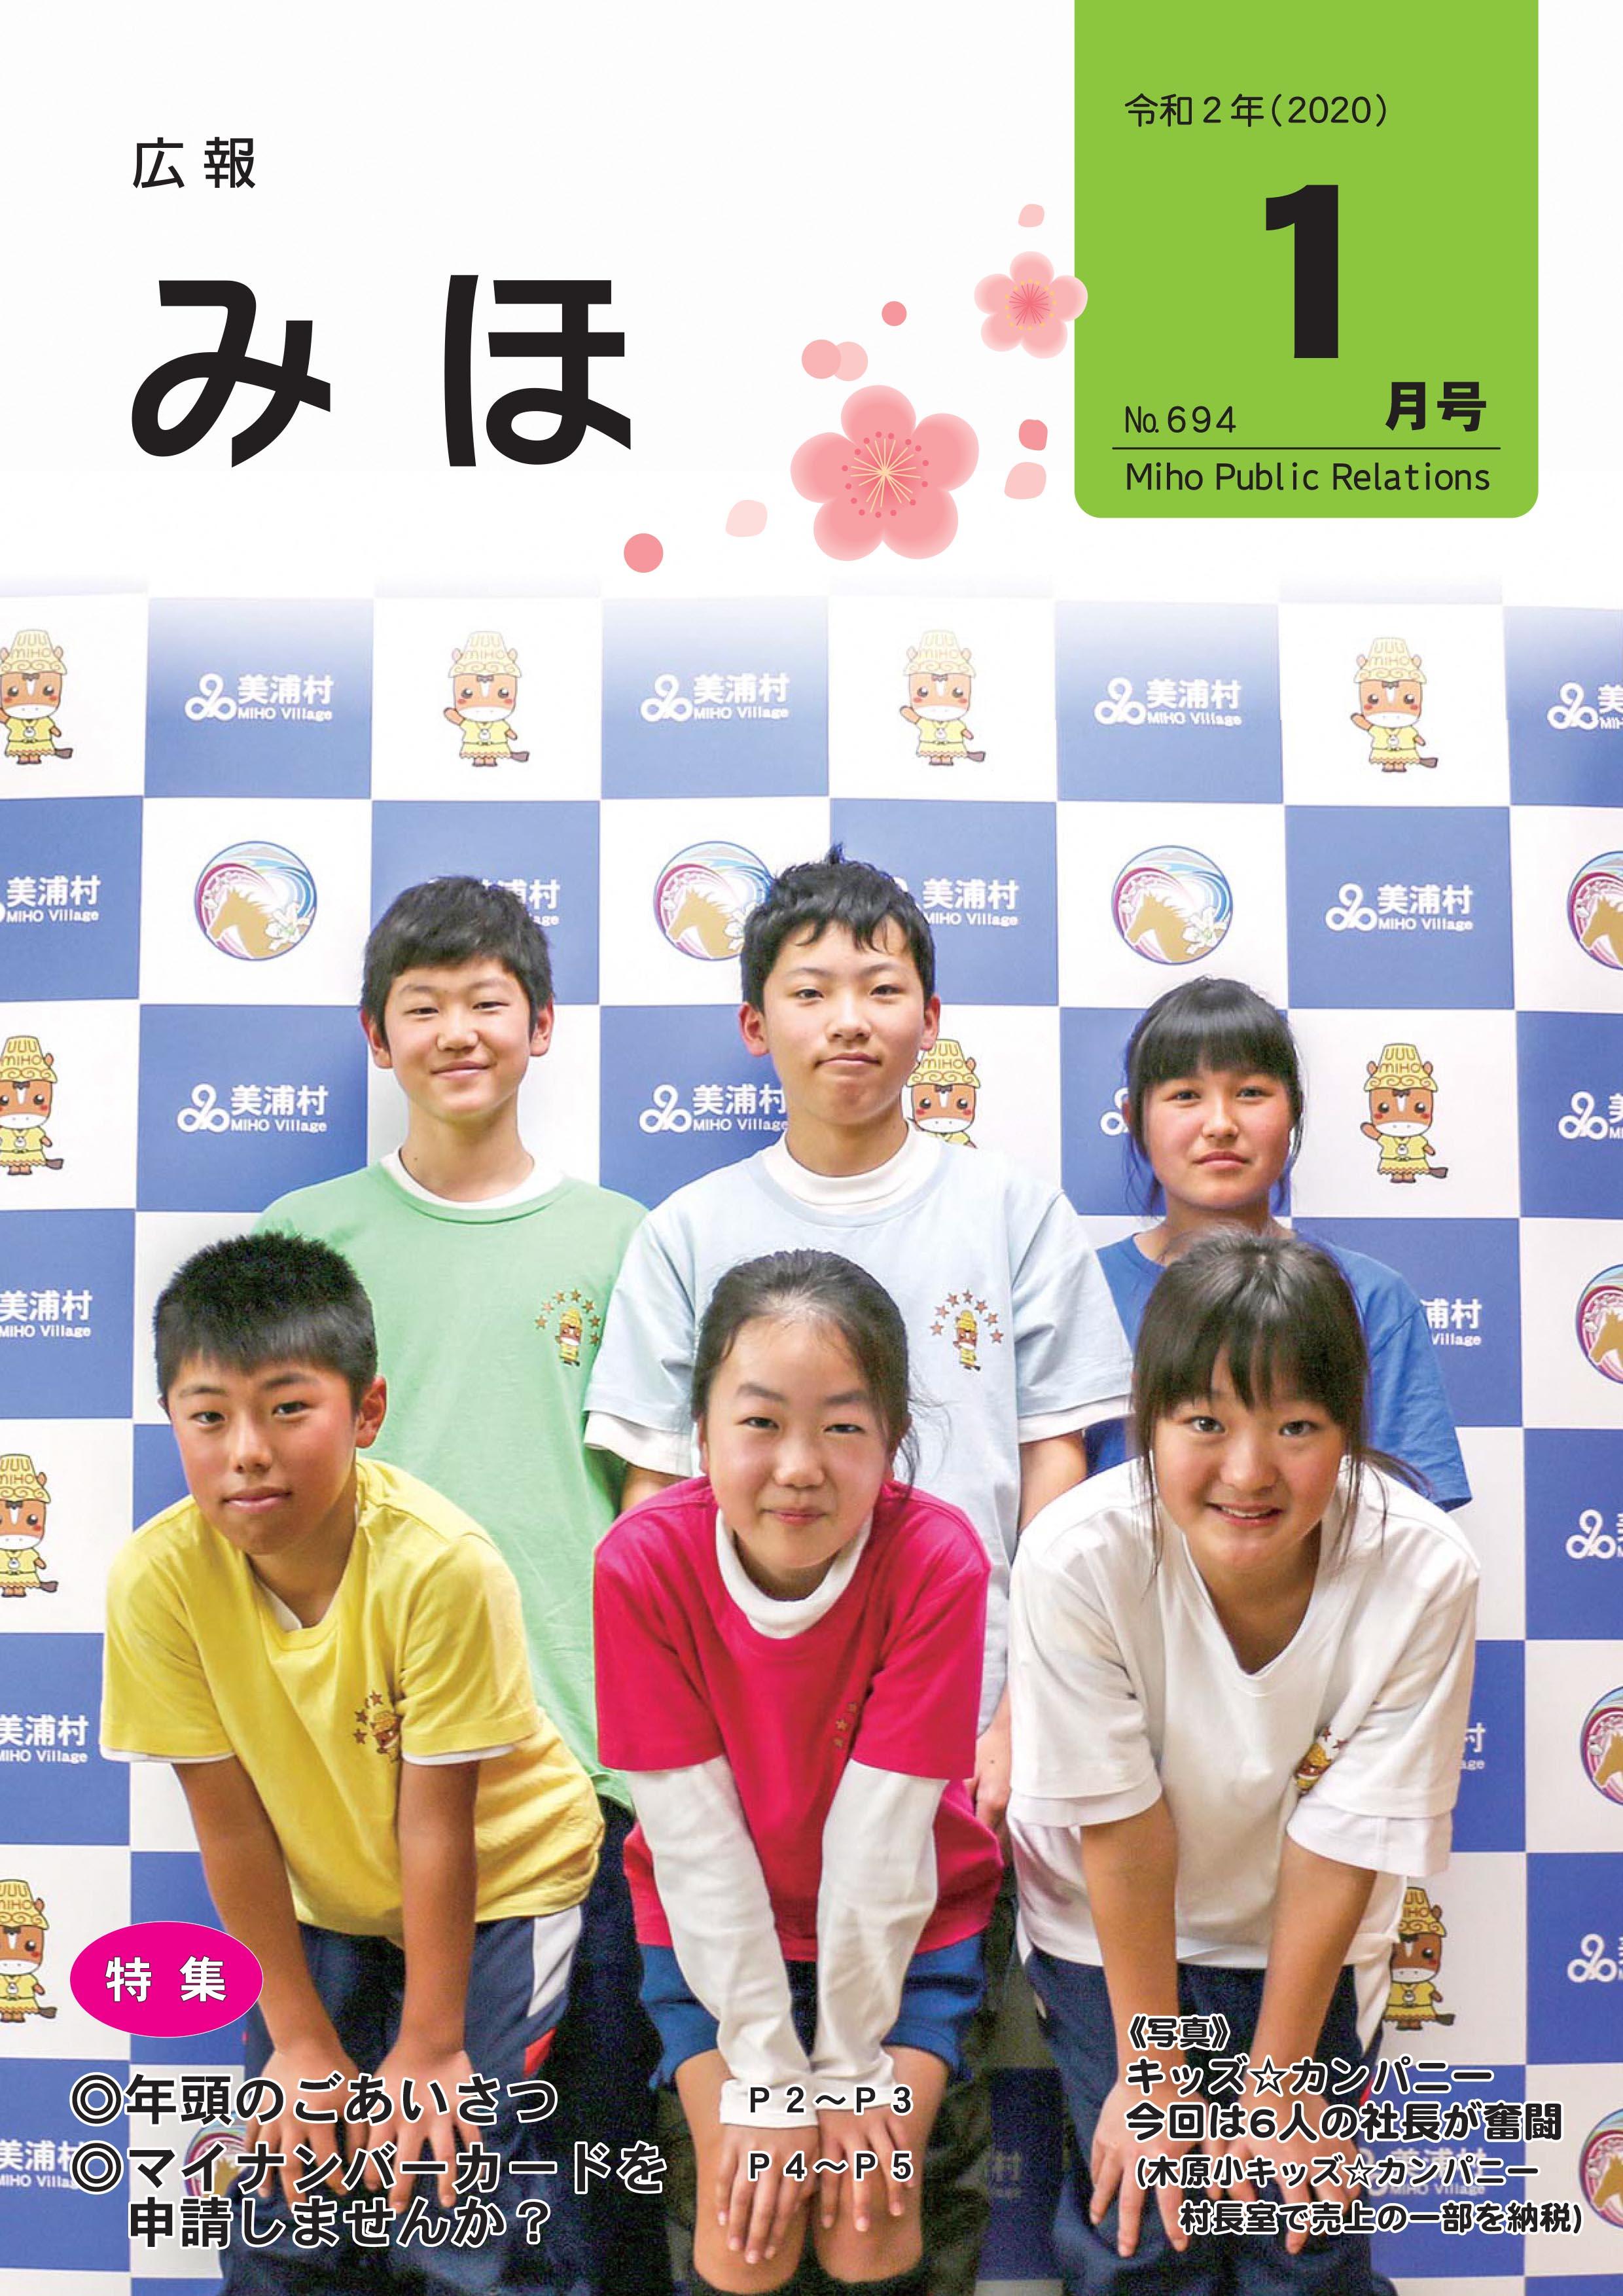 『広報みほ令和元年2月号表紙』の画像